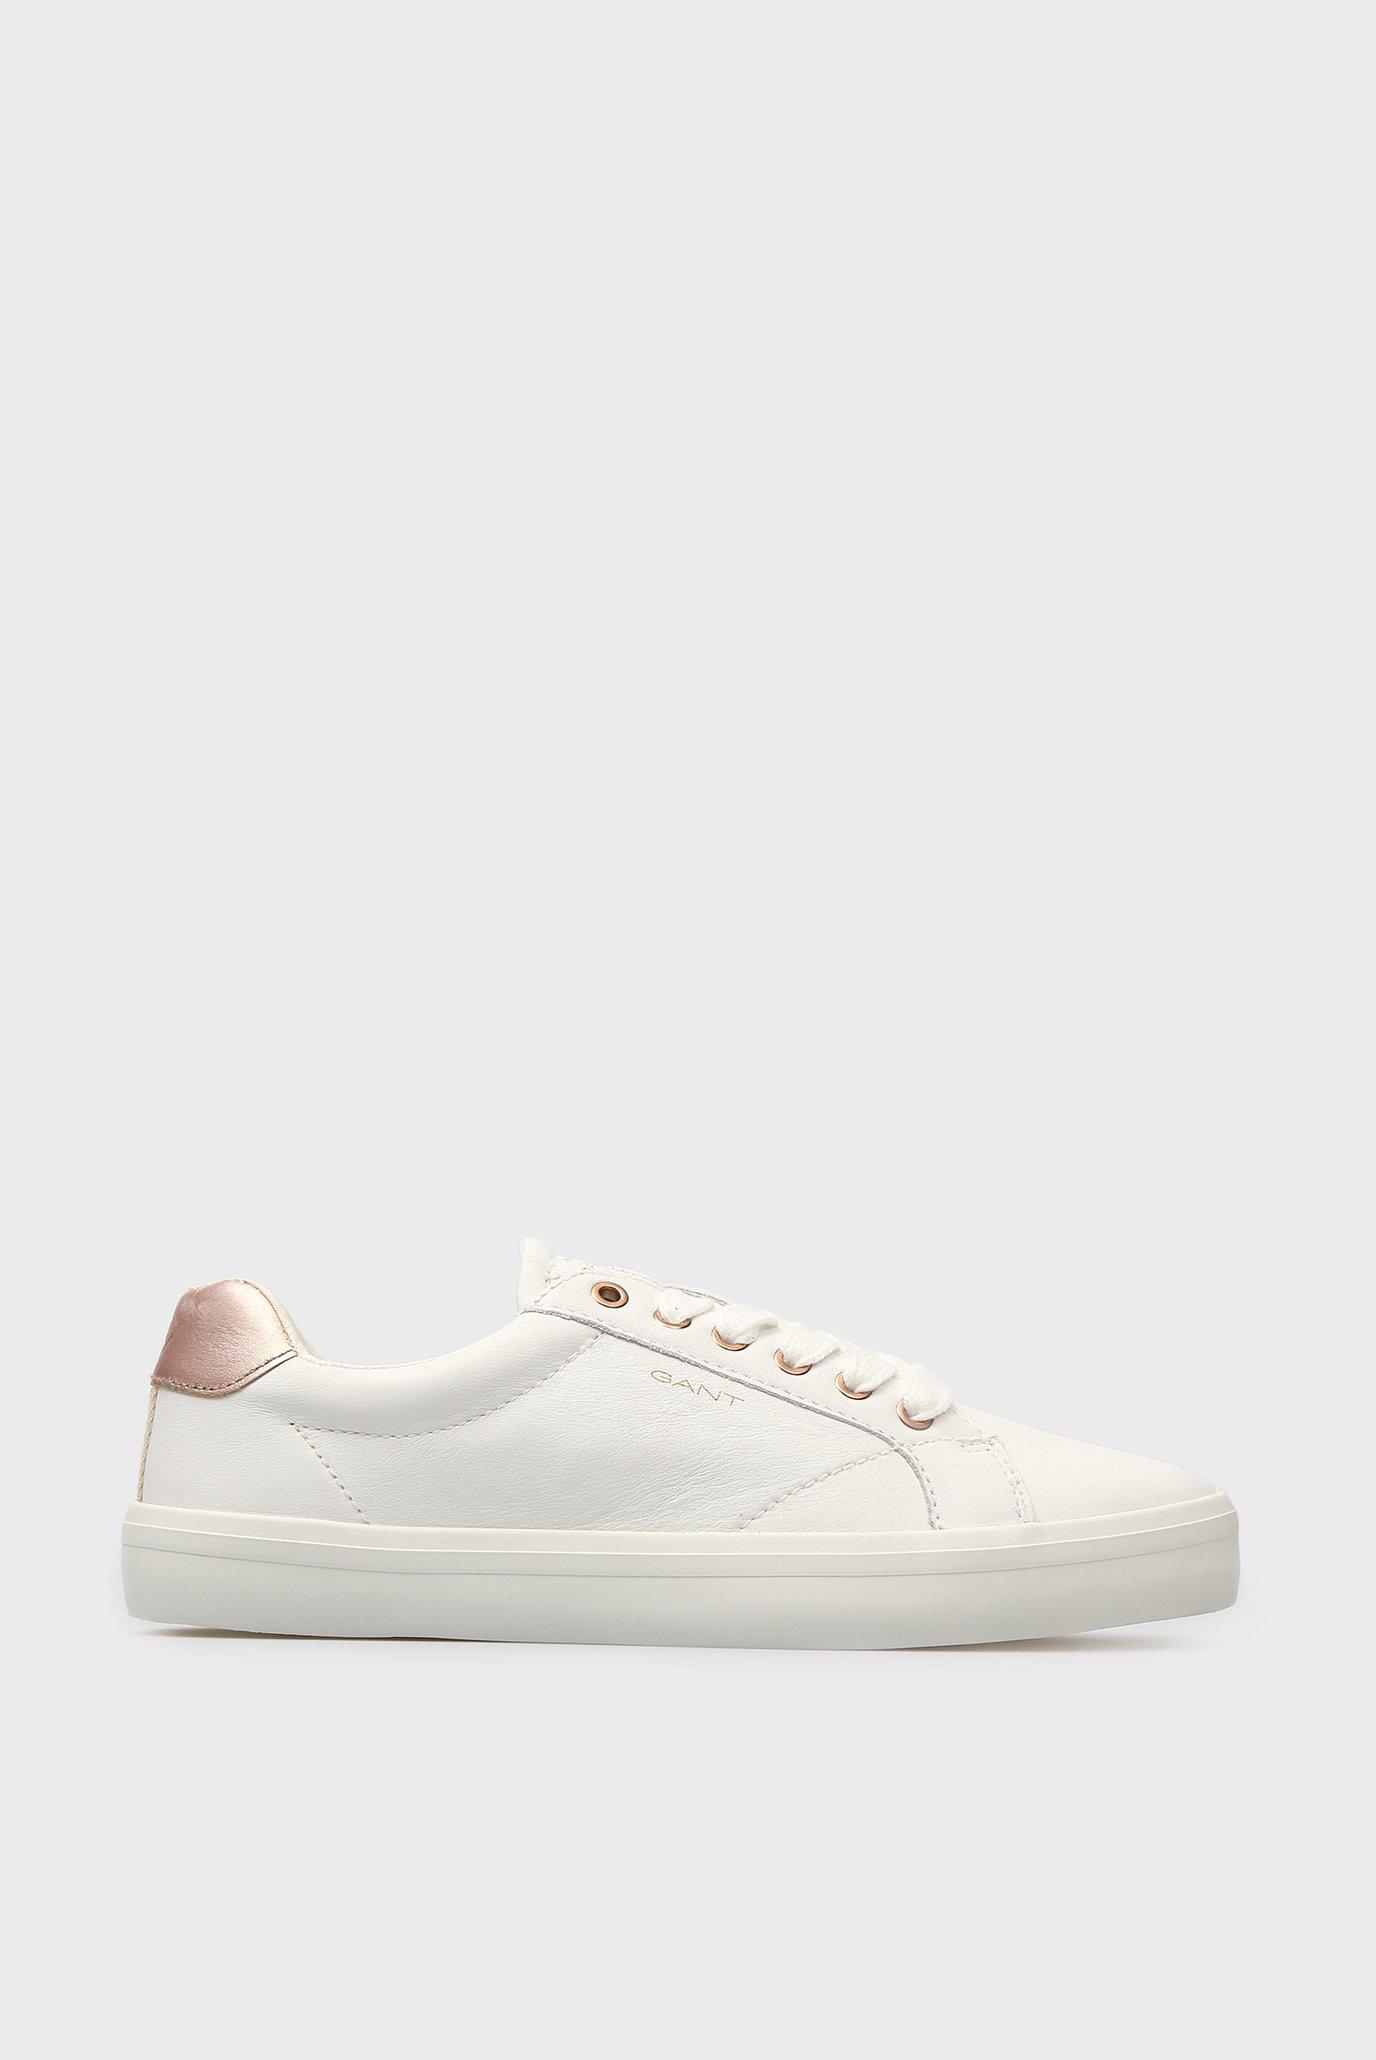 Купить Женские белые кожаные кеды BALTIMORE Gant Gant 18531452 – Киев, Украина. Цены в интернет магазине MD Fashion